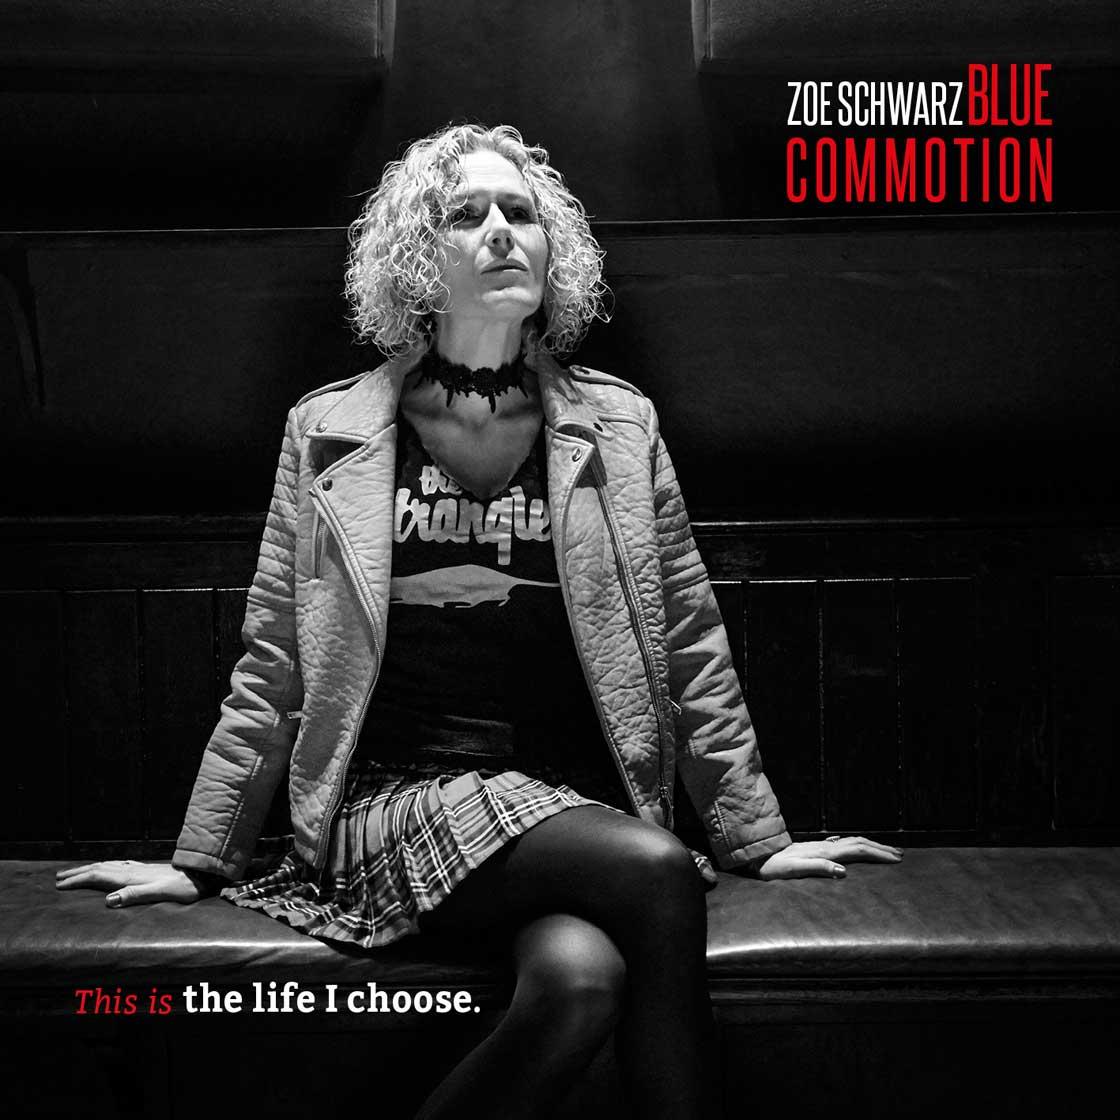 life i choose